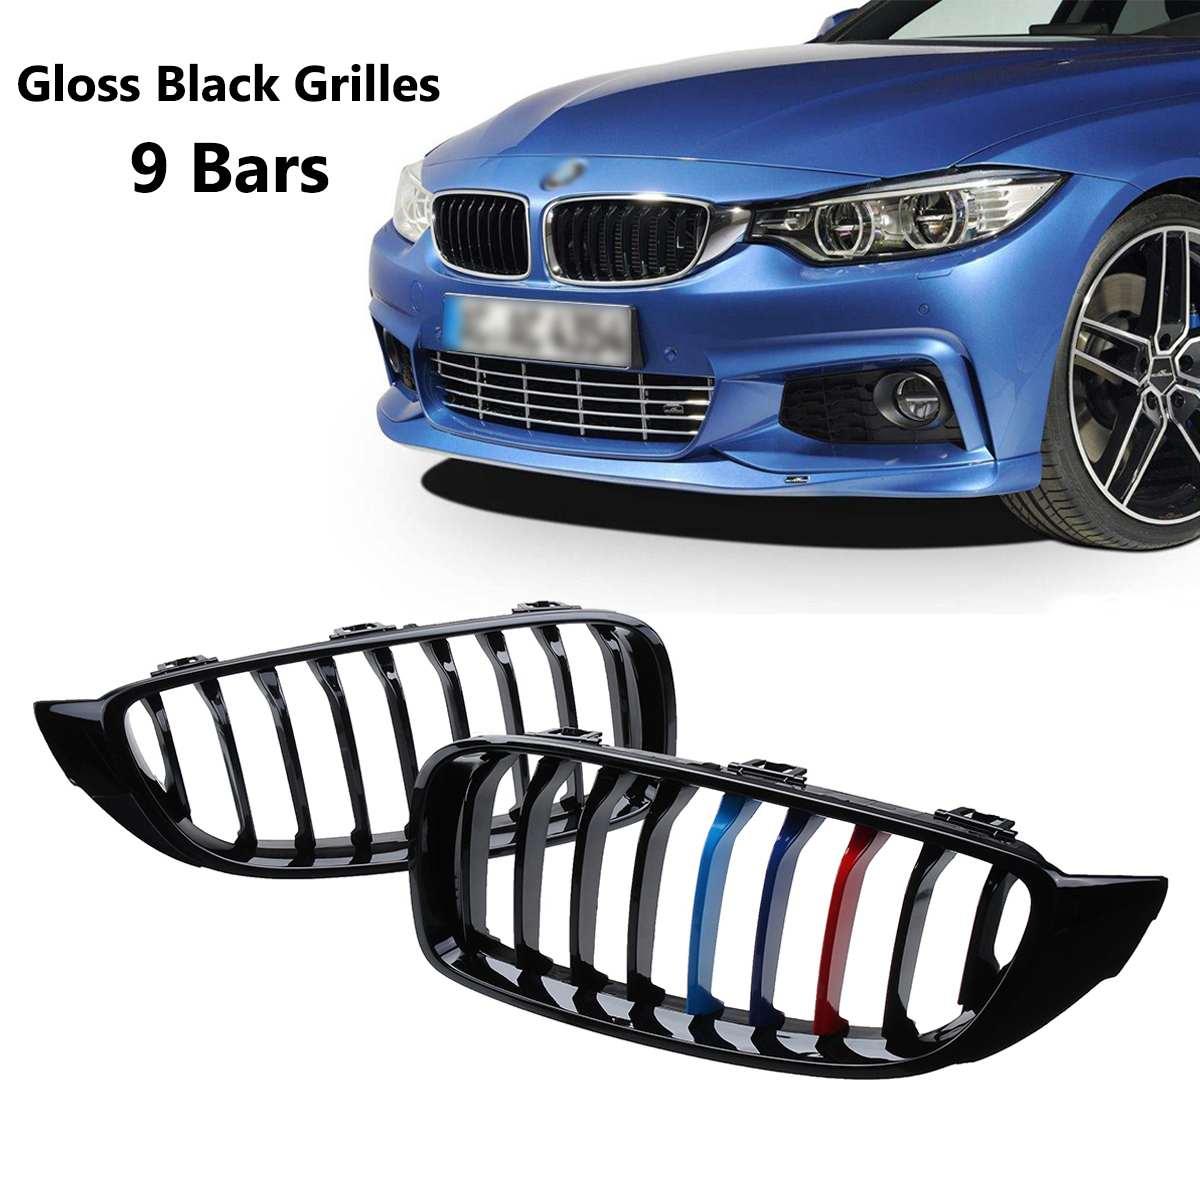 2 pièces Brillant Noir M-couleur Avant Rein Grilles Grilles 9 Bars Pour BMW Série 4 F32 F33 F36 F82